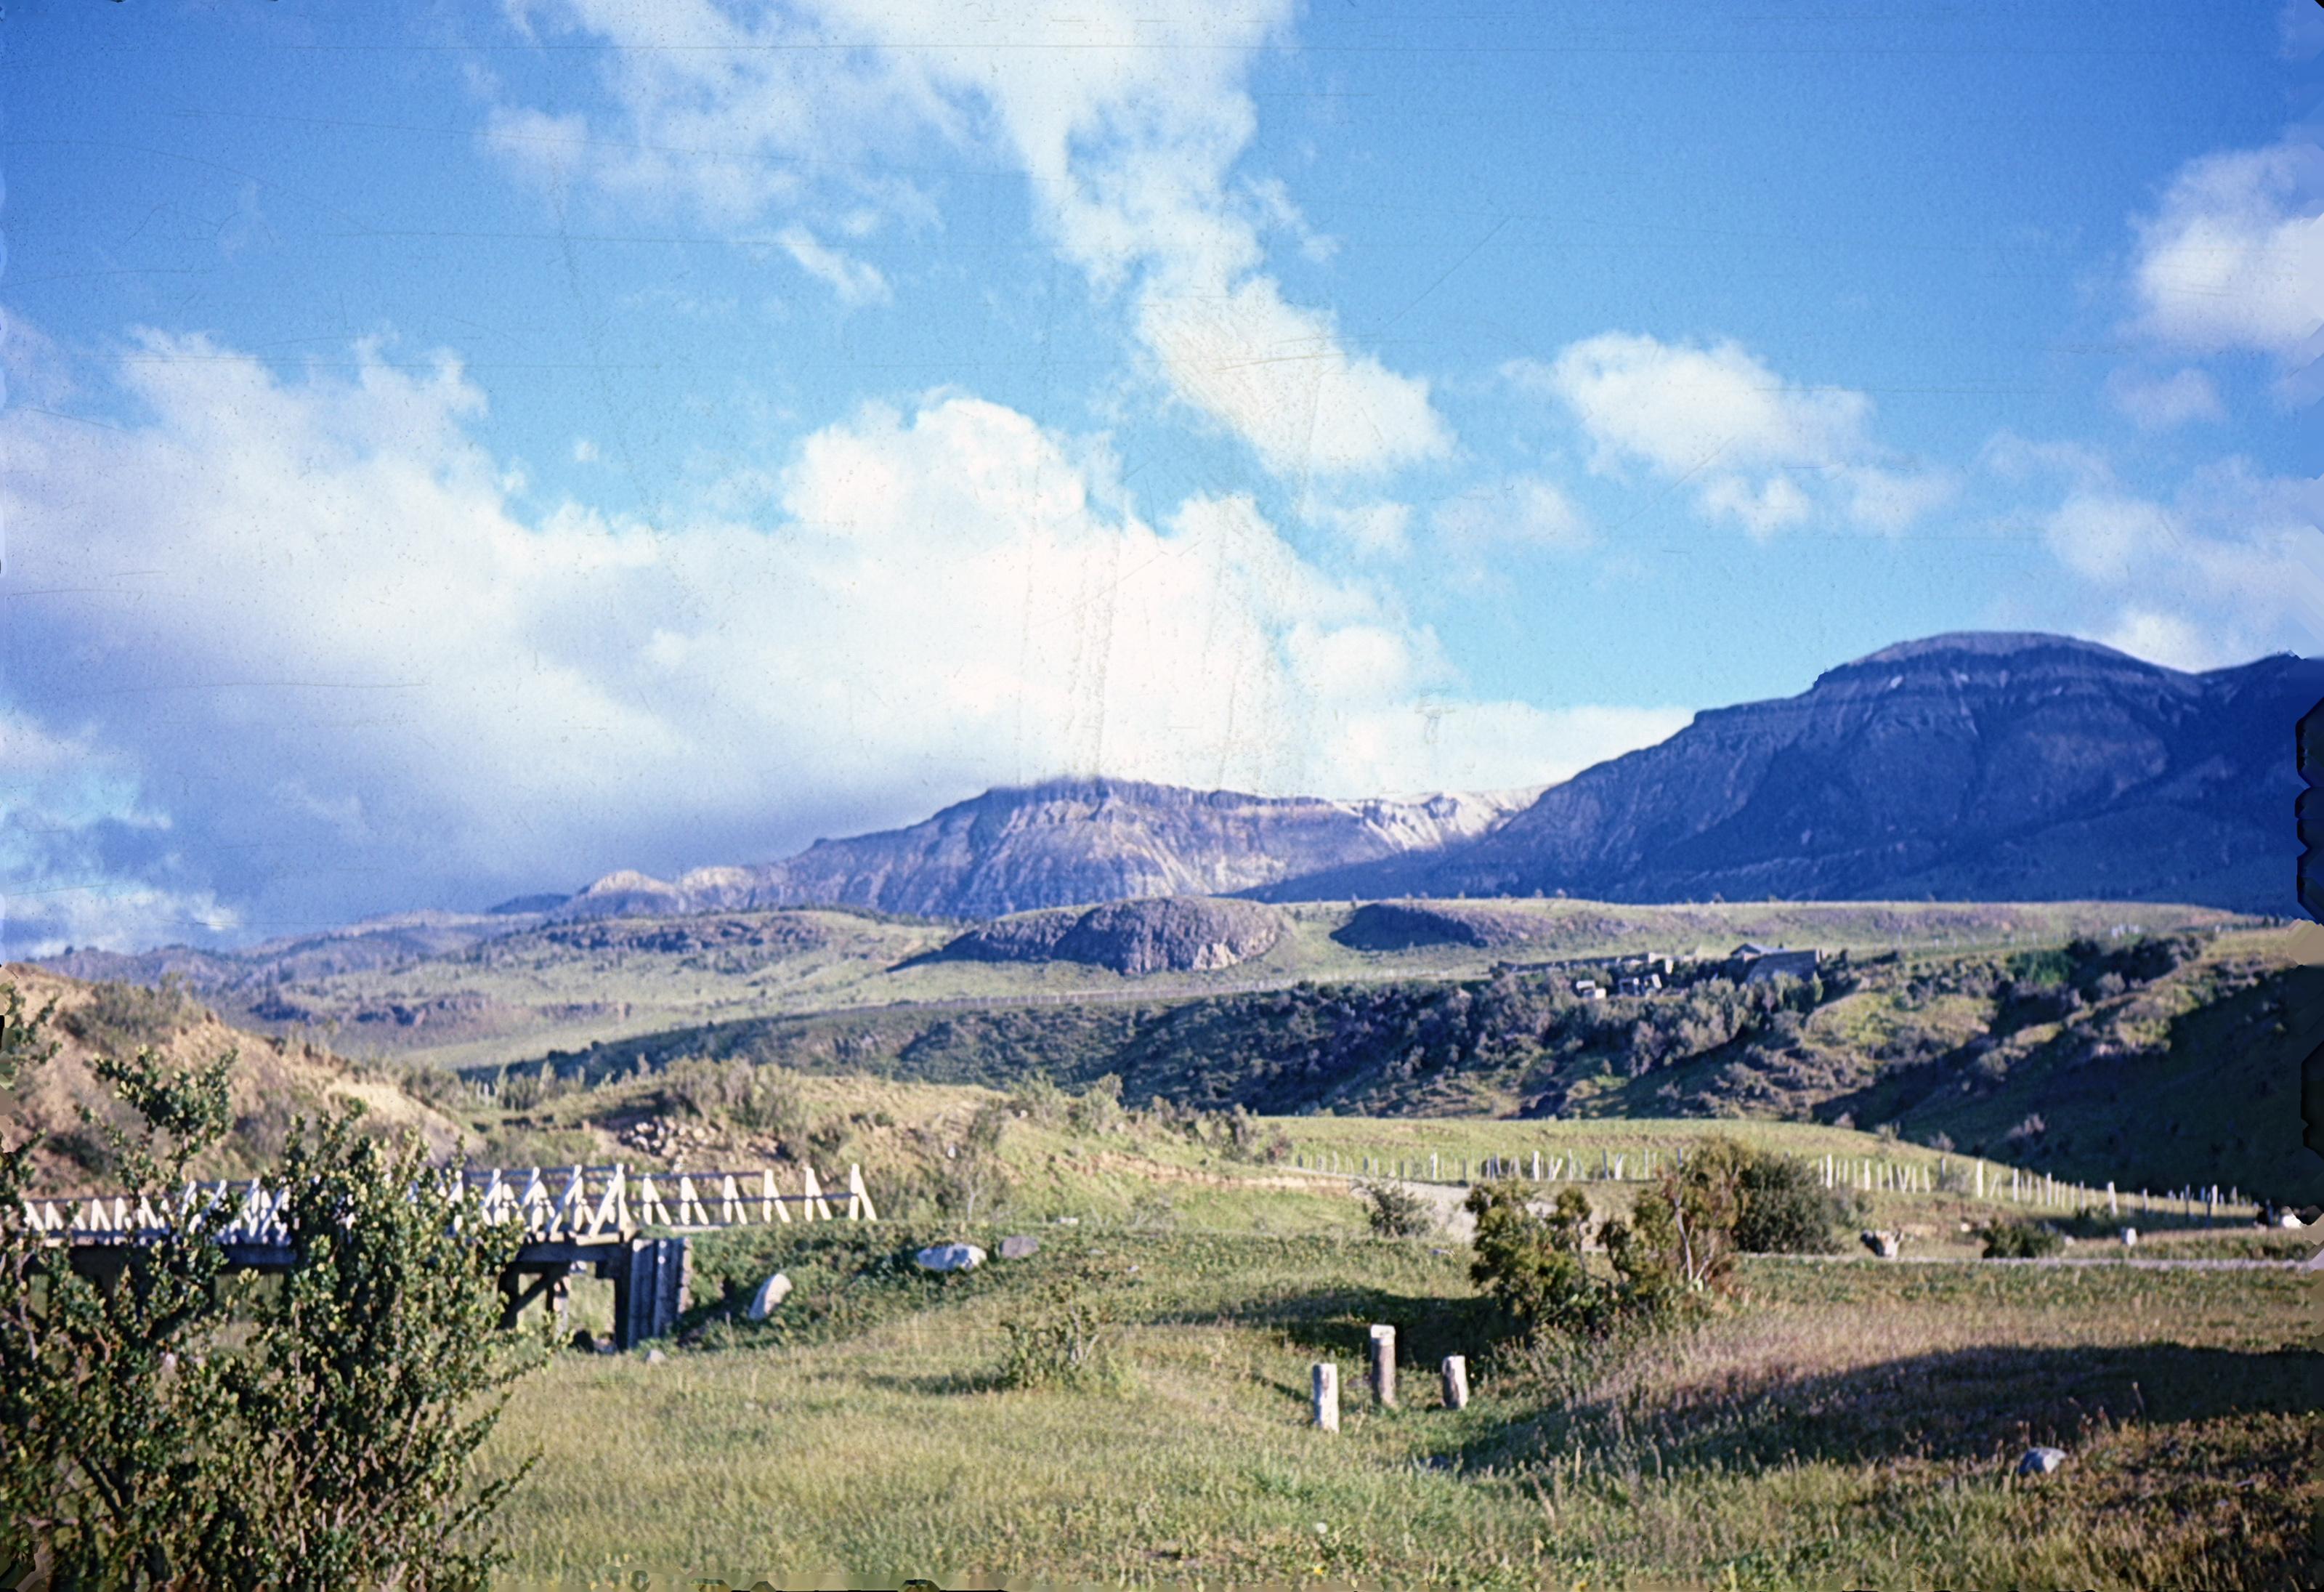 Enterreno - Fotos históricas de chile - fotos antiguas de Chile - Algún lugar de la Región de Magallanes en los años 60s.